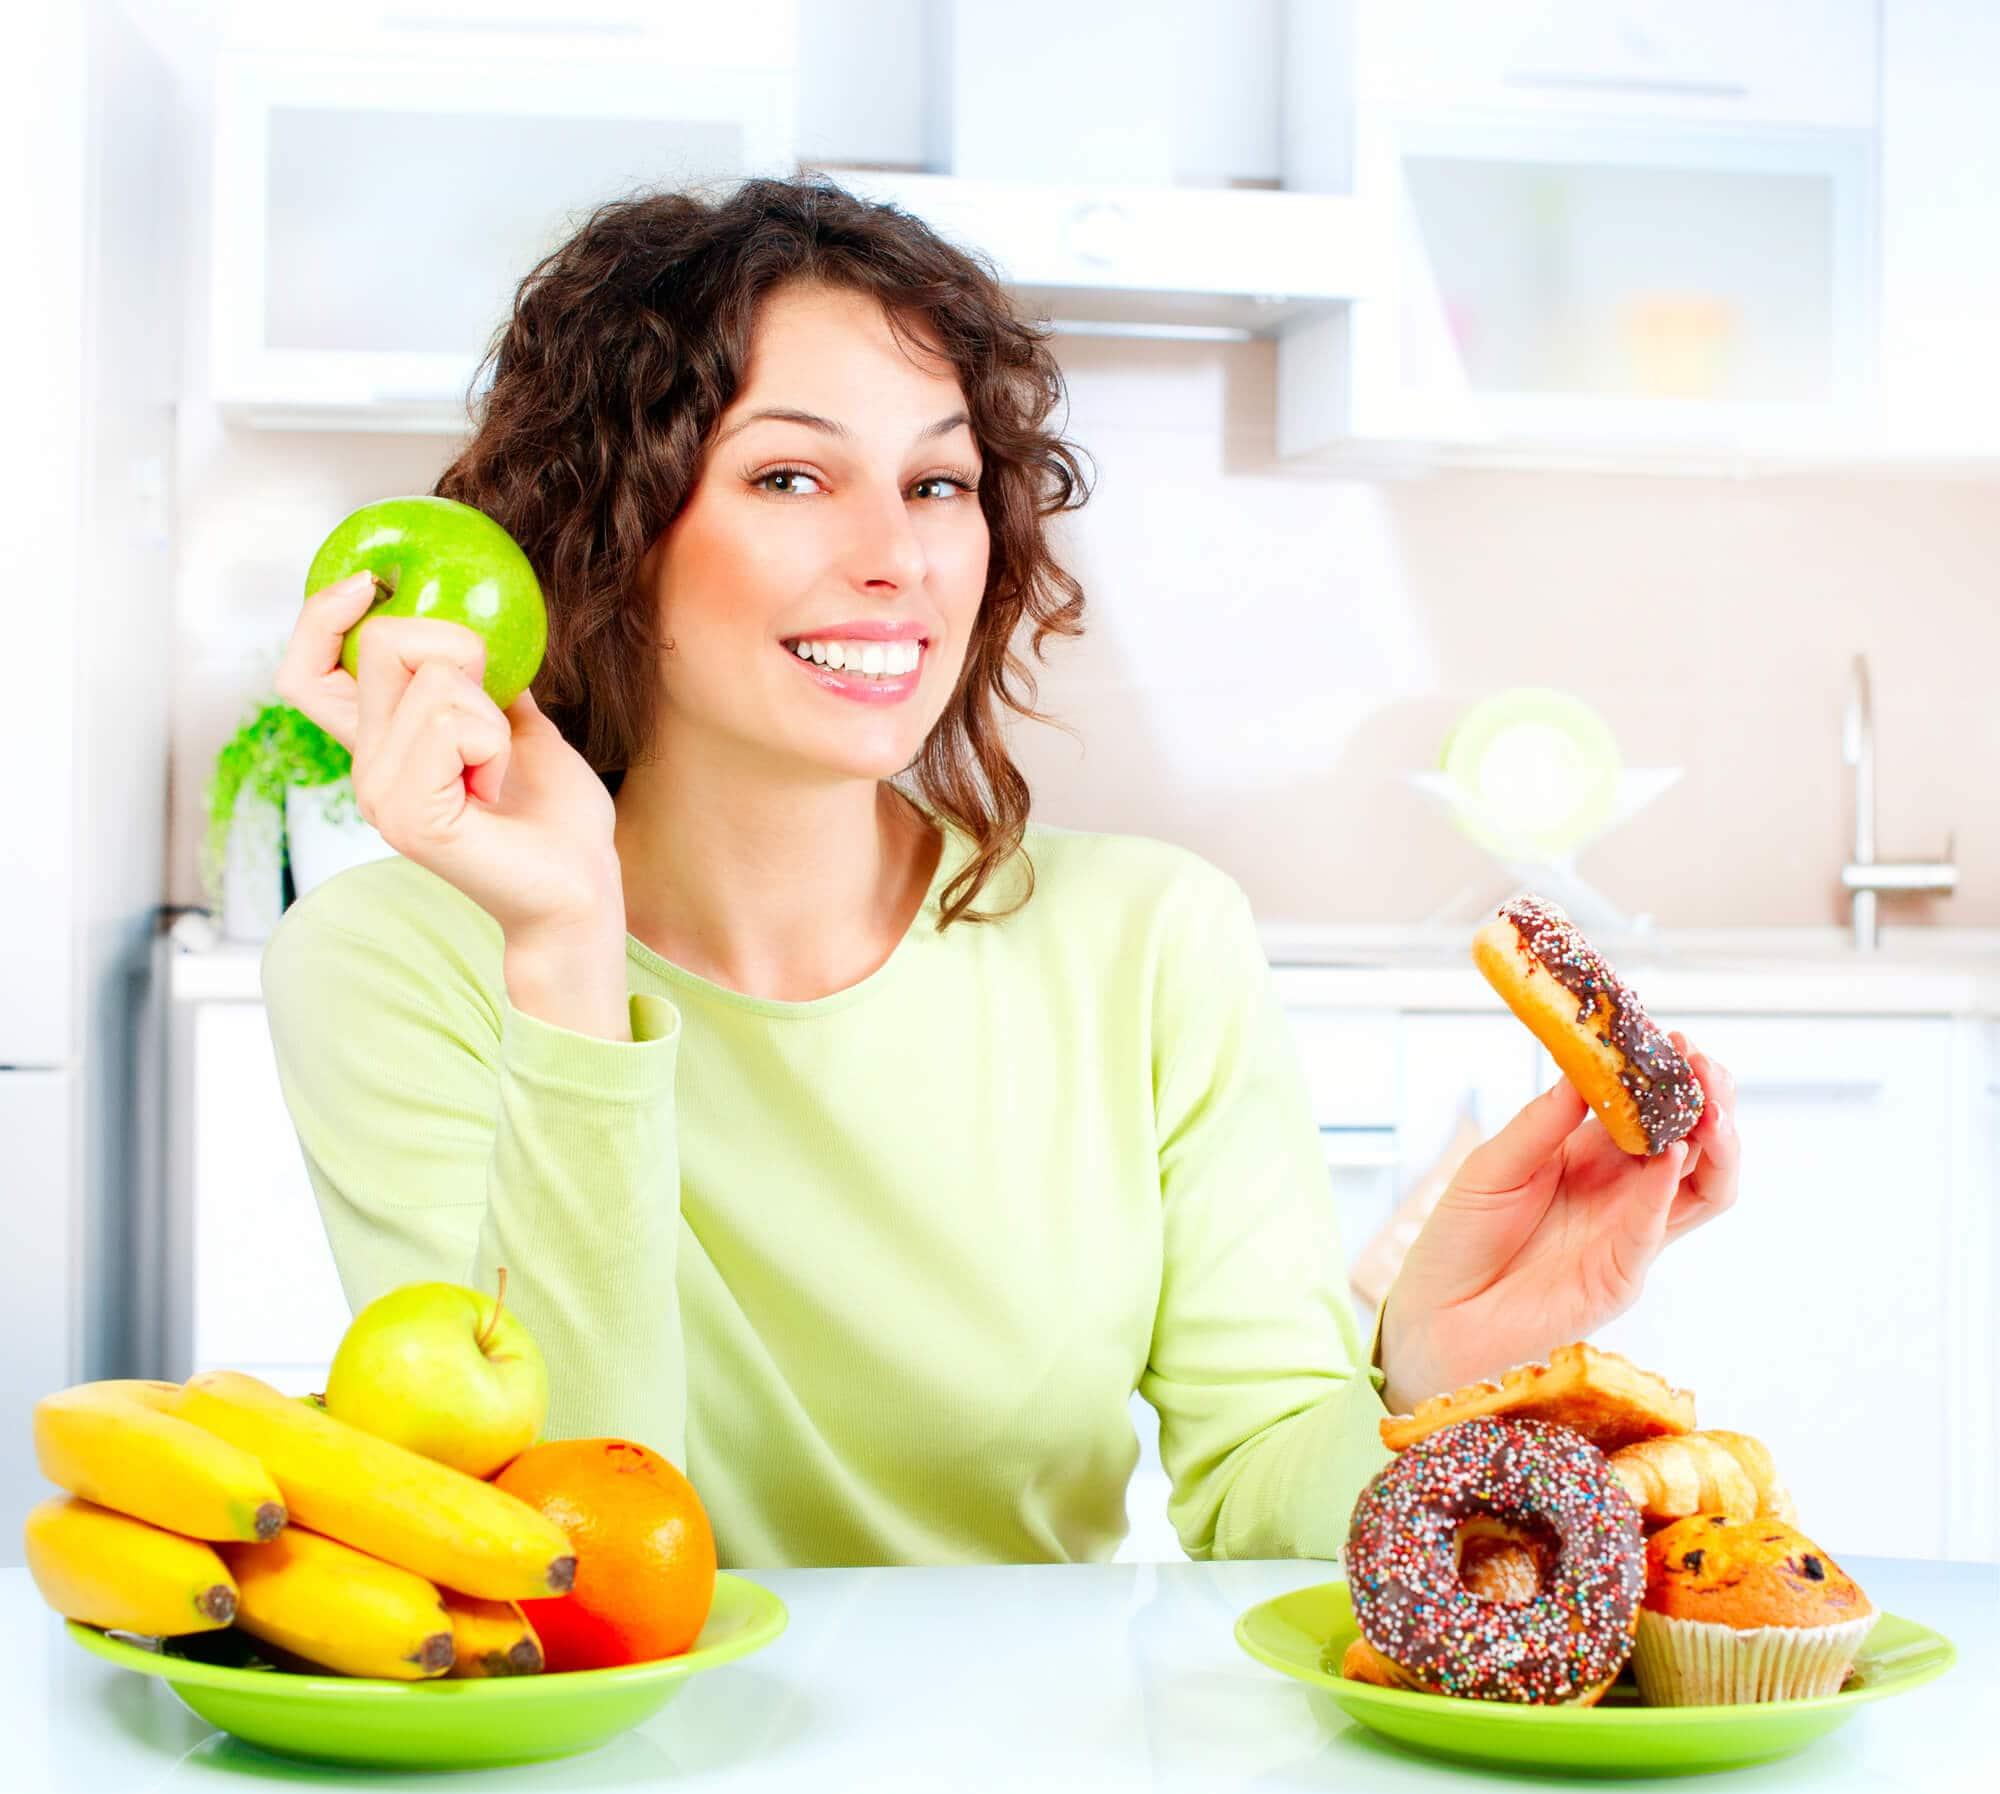 Диета для желающих набрать вес и поправиться